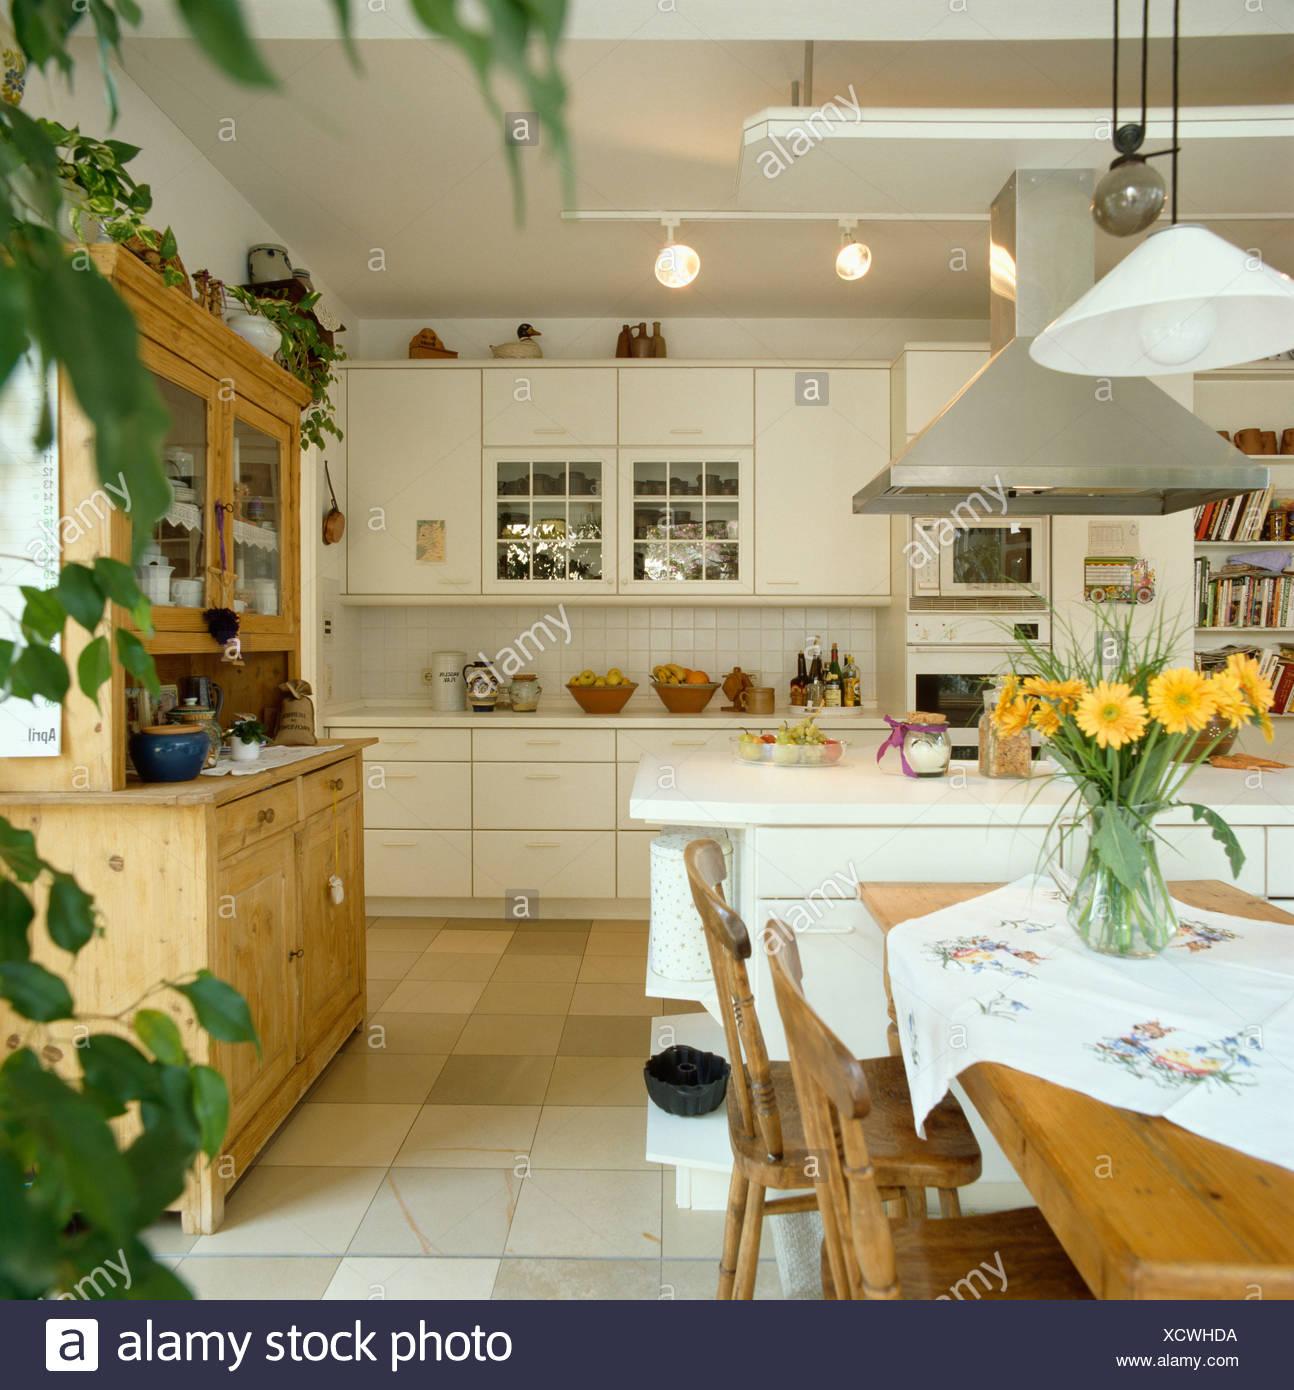 Fantastisch Küche Anhänger Beleuchtung Südafrika Fotos - Ideen Für ...